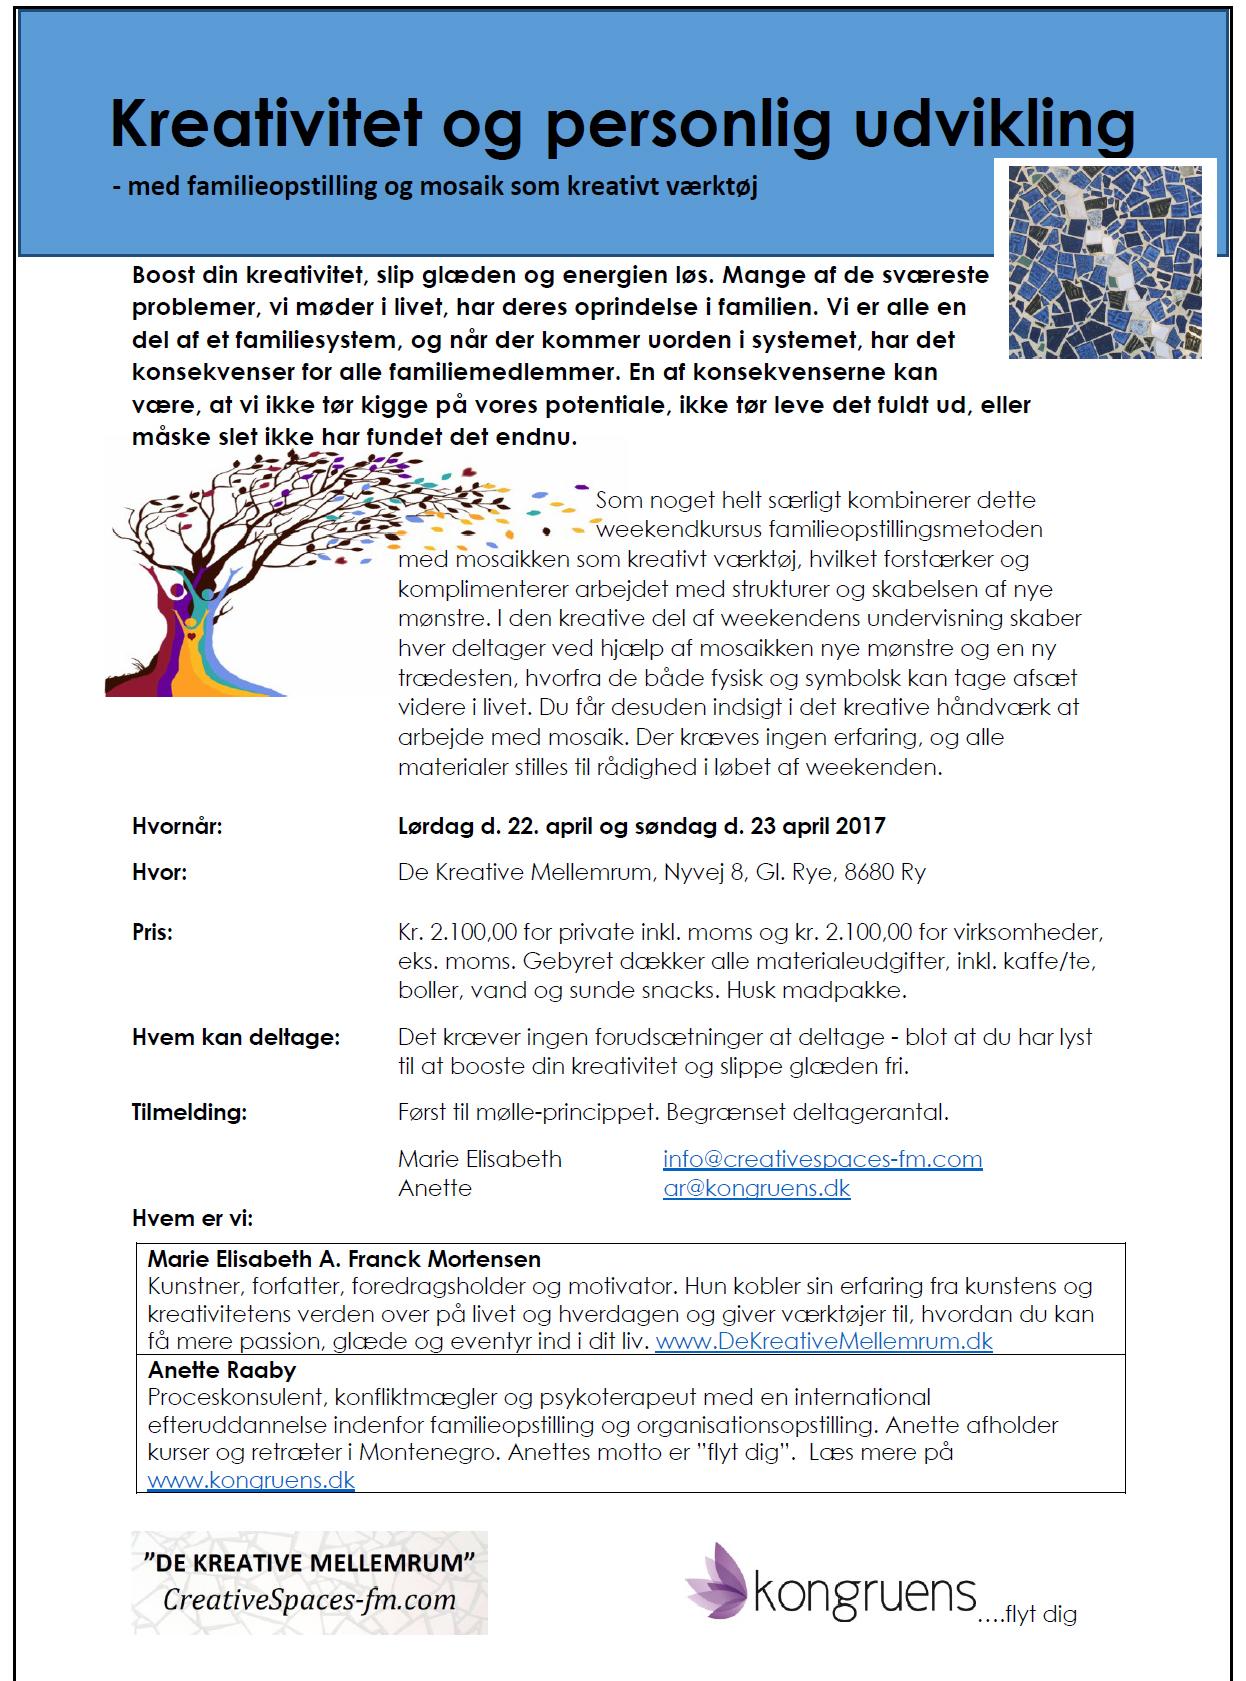 Weekendkursus om kreativitet og personlig udvikling